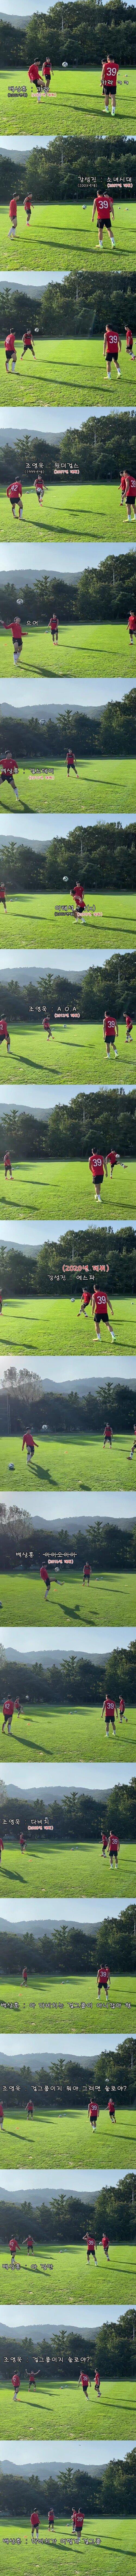 북린이.jpg 다비치 걸그룹 논란 (Feat. 북린이)